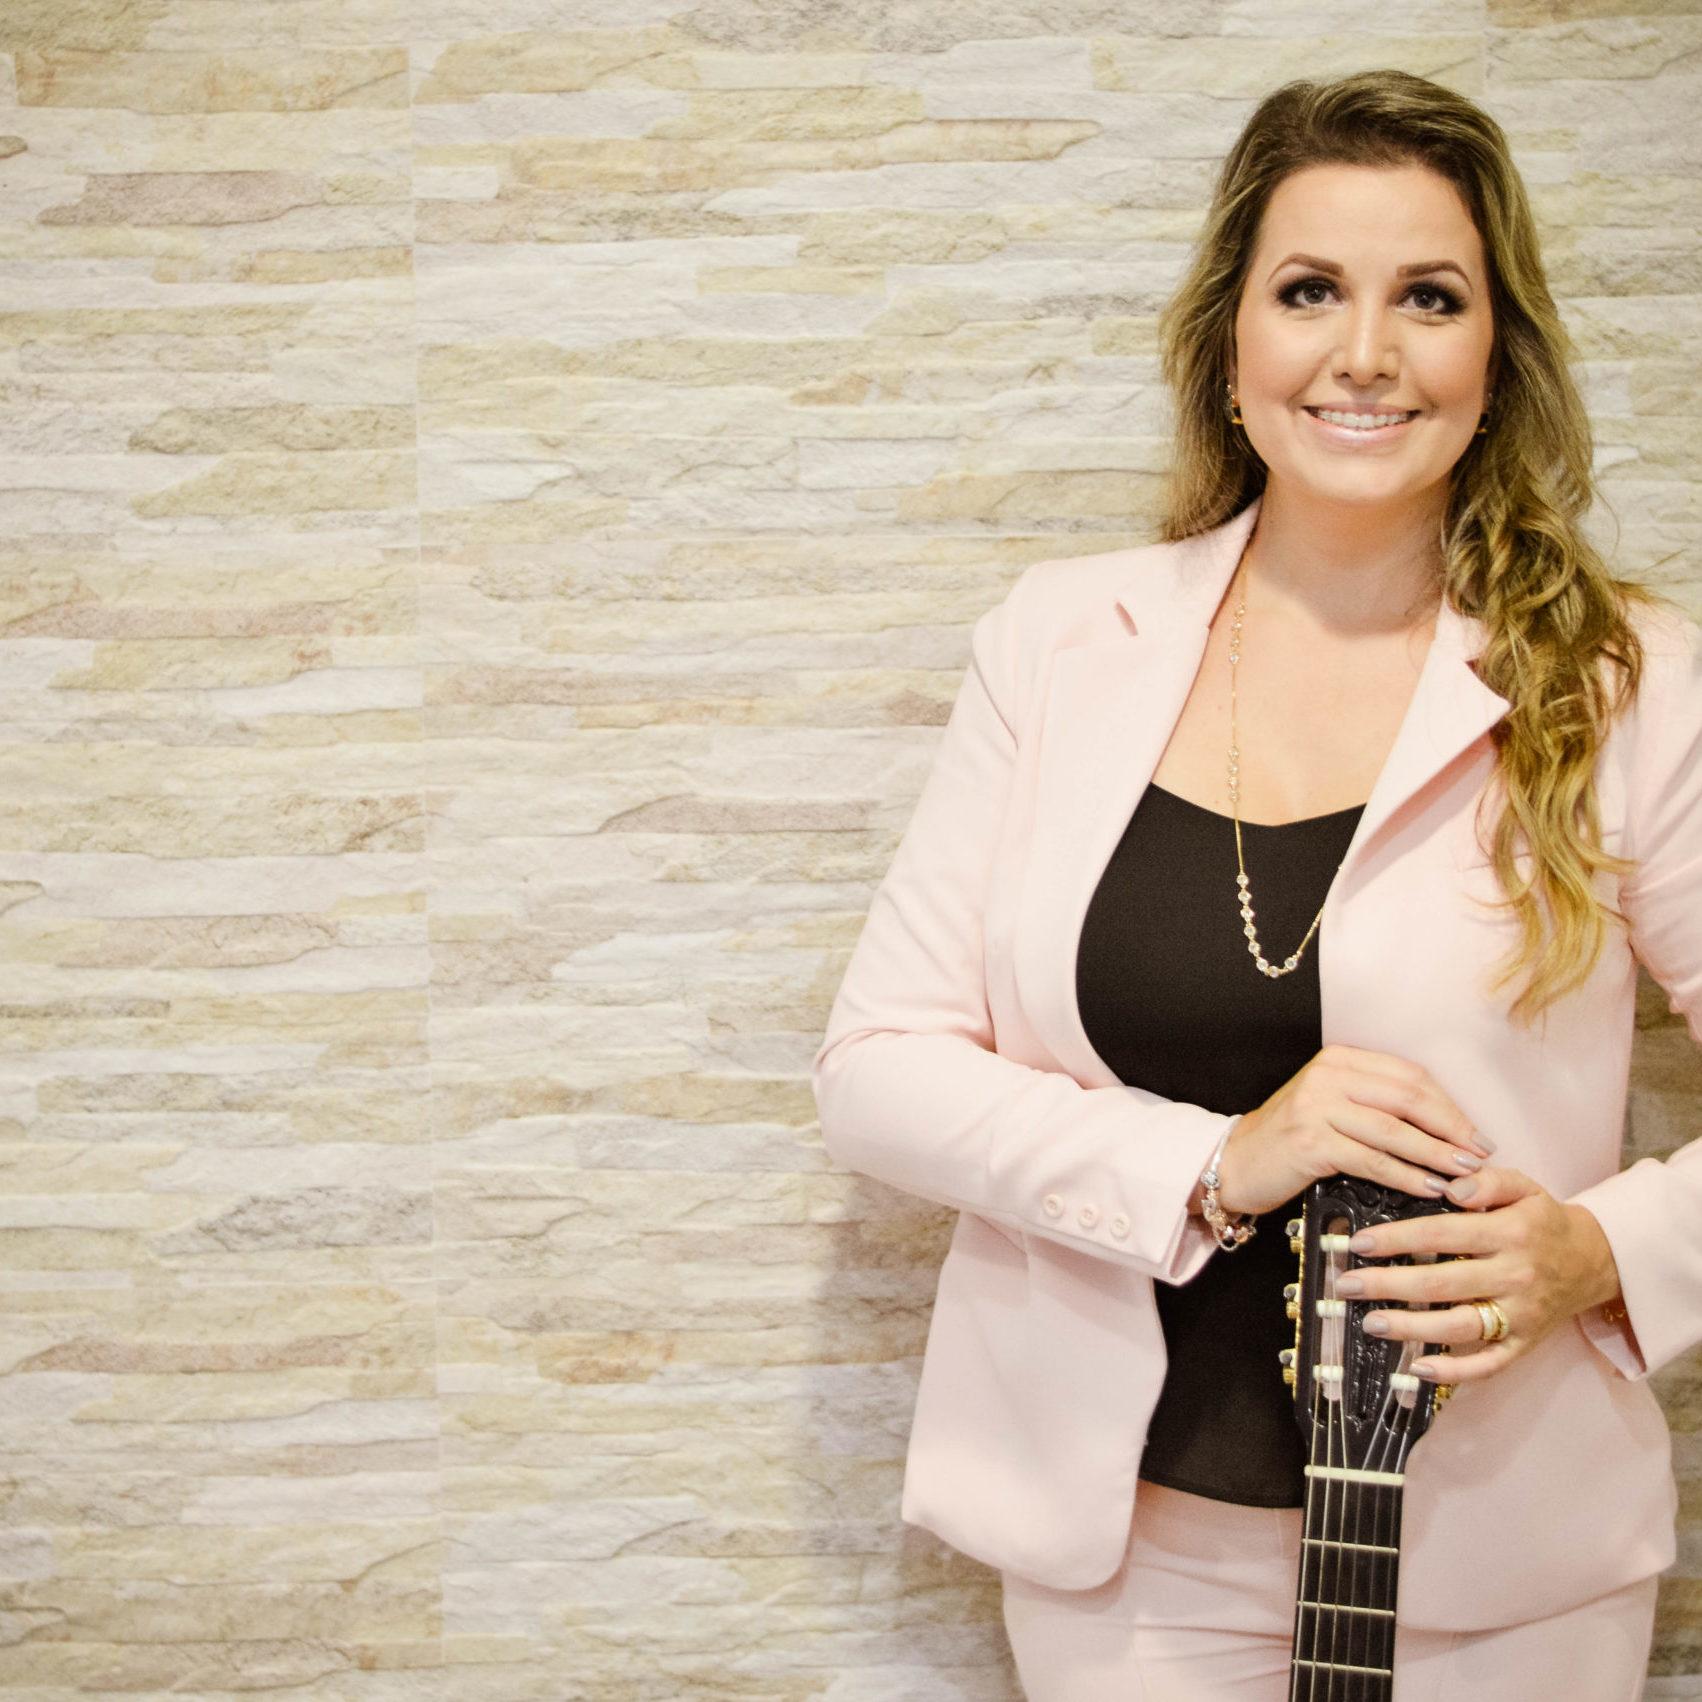 DSC_0386 - Associação de Musicoterapia do Paraná